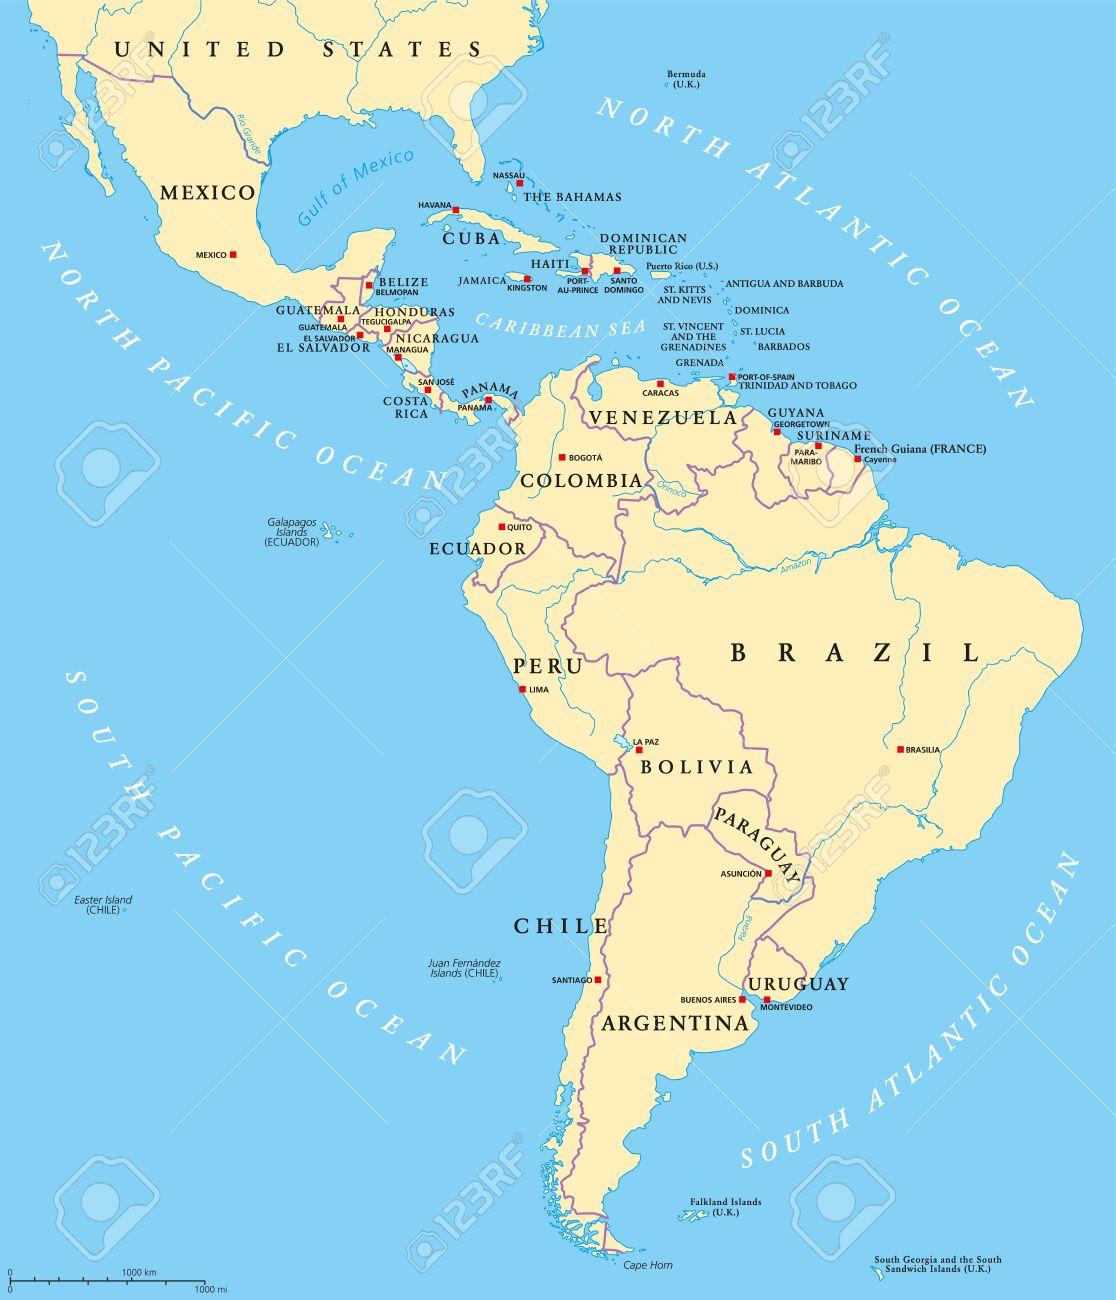 America Latina Mapa Politico Con Mayusculas De Las Fronteras Nacionales Rios Y Lagos